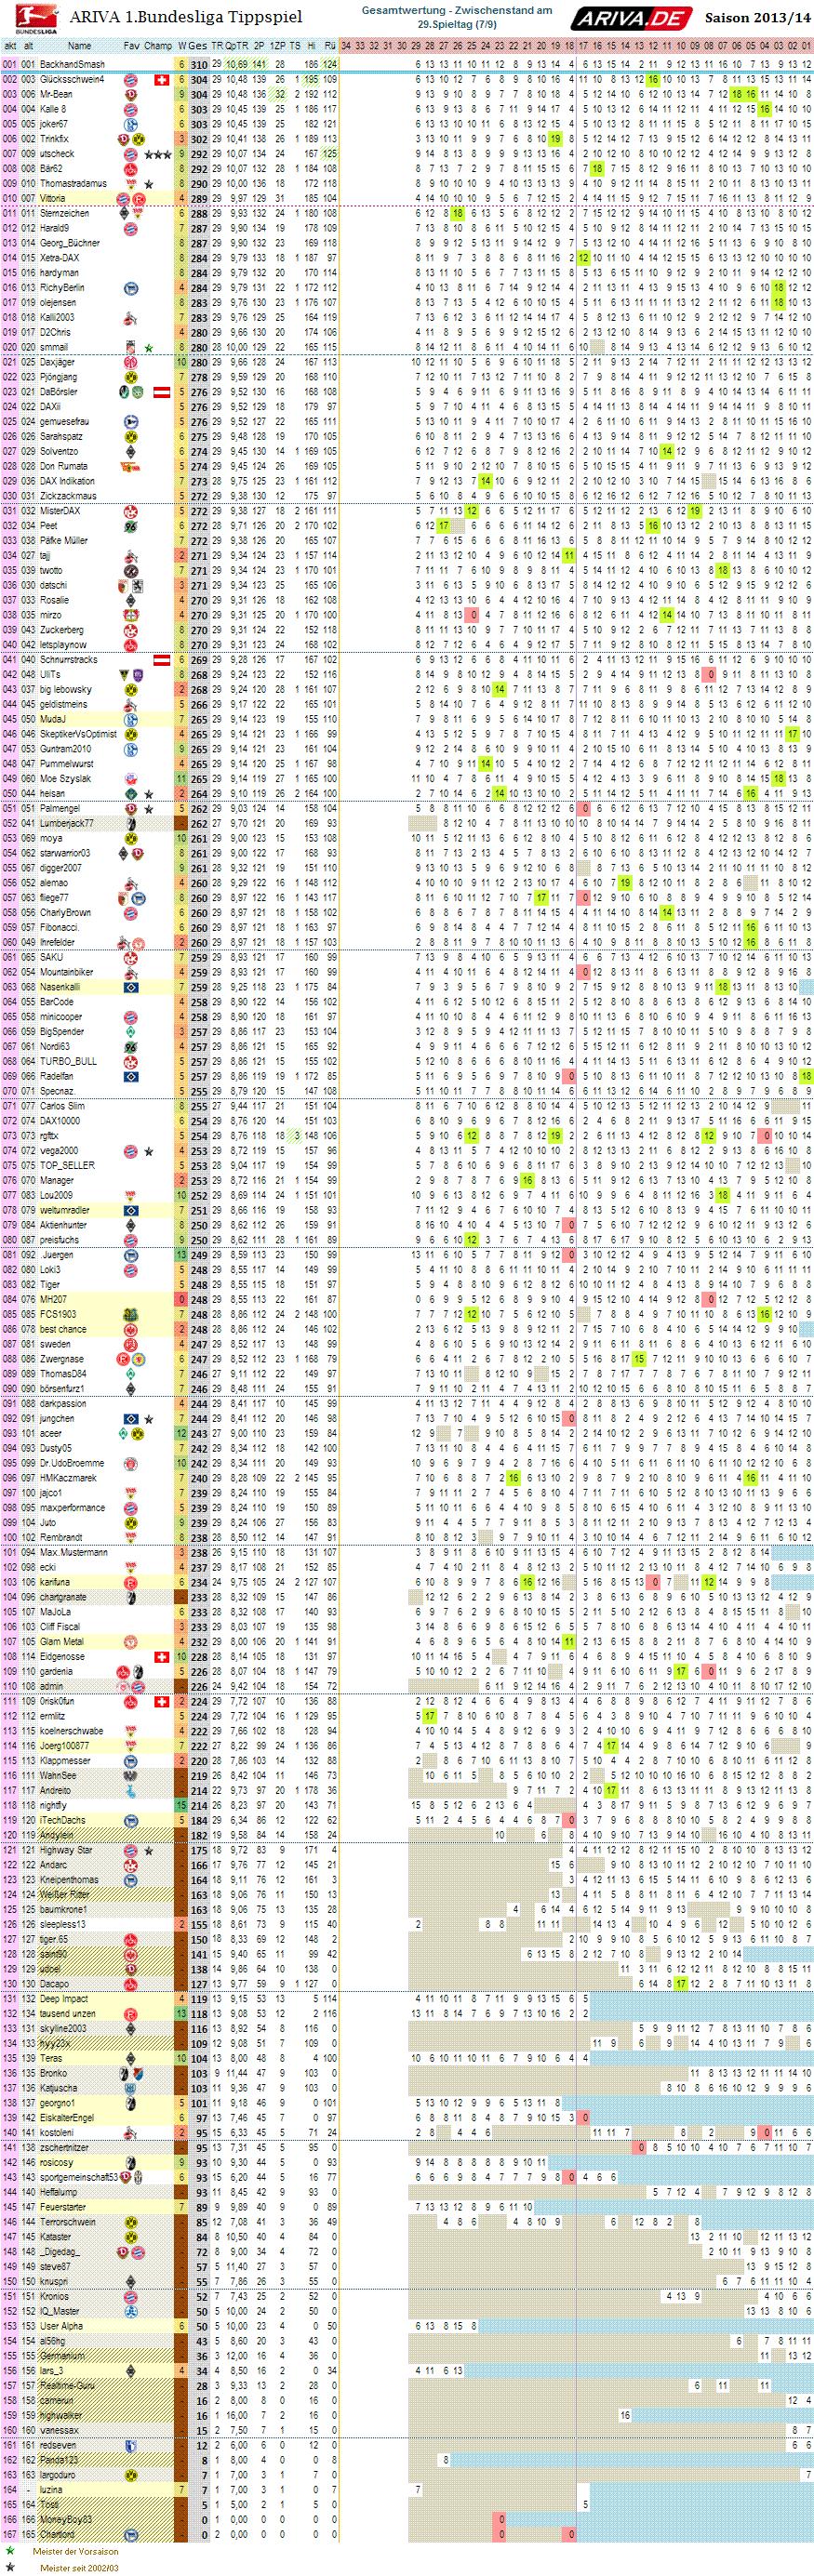 1bl_gesamtwertung_29.png